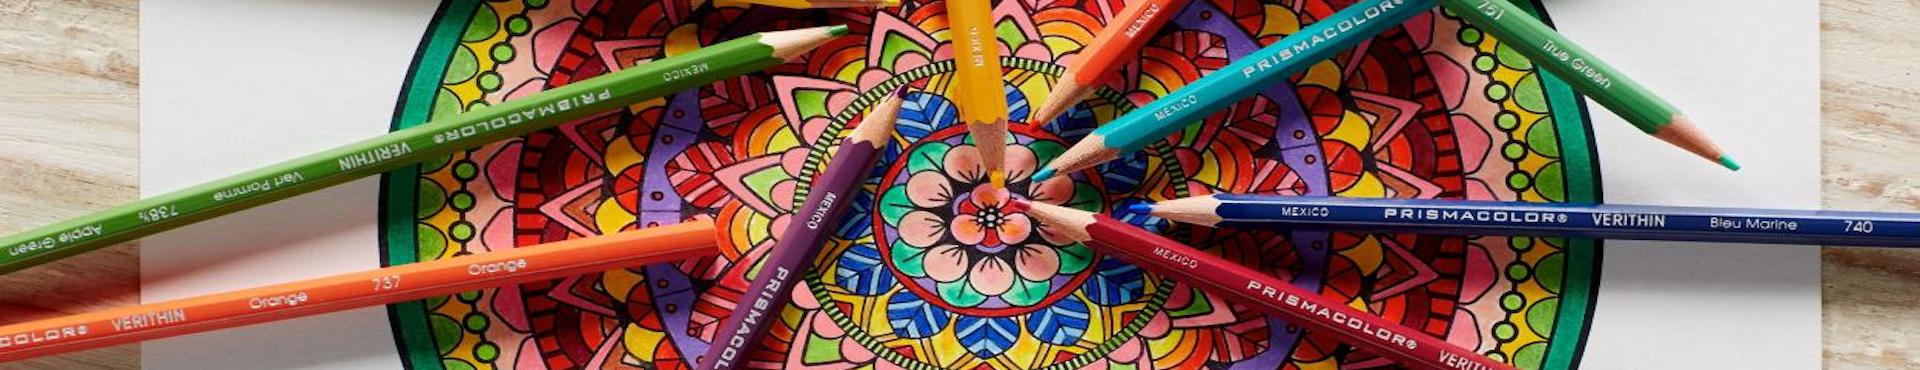 Cajas lápices Prismacolor